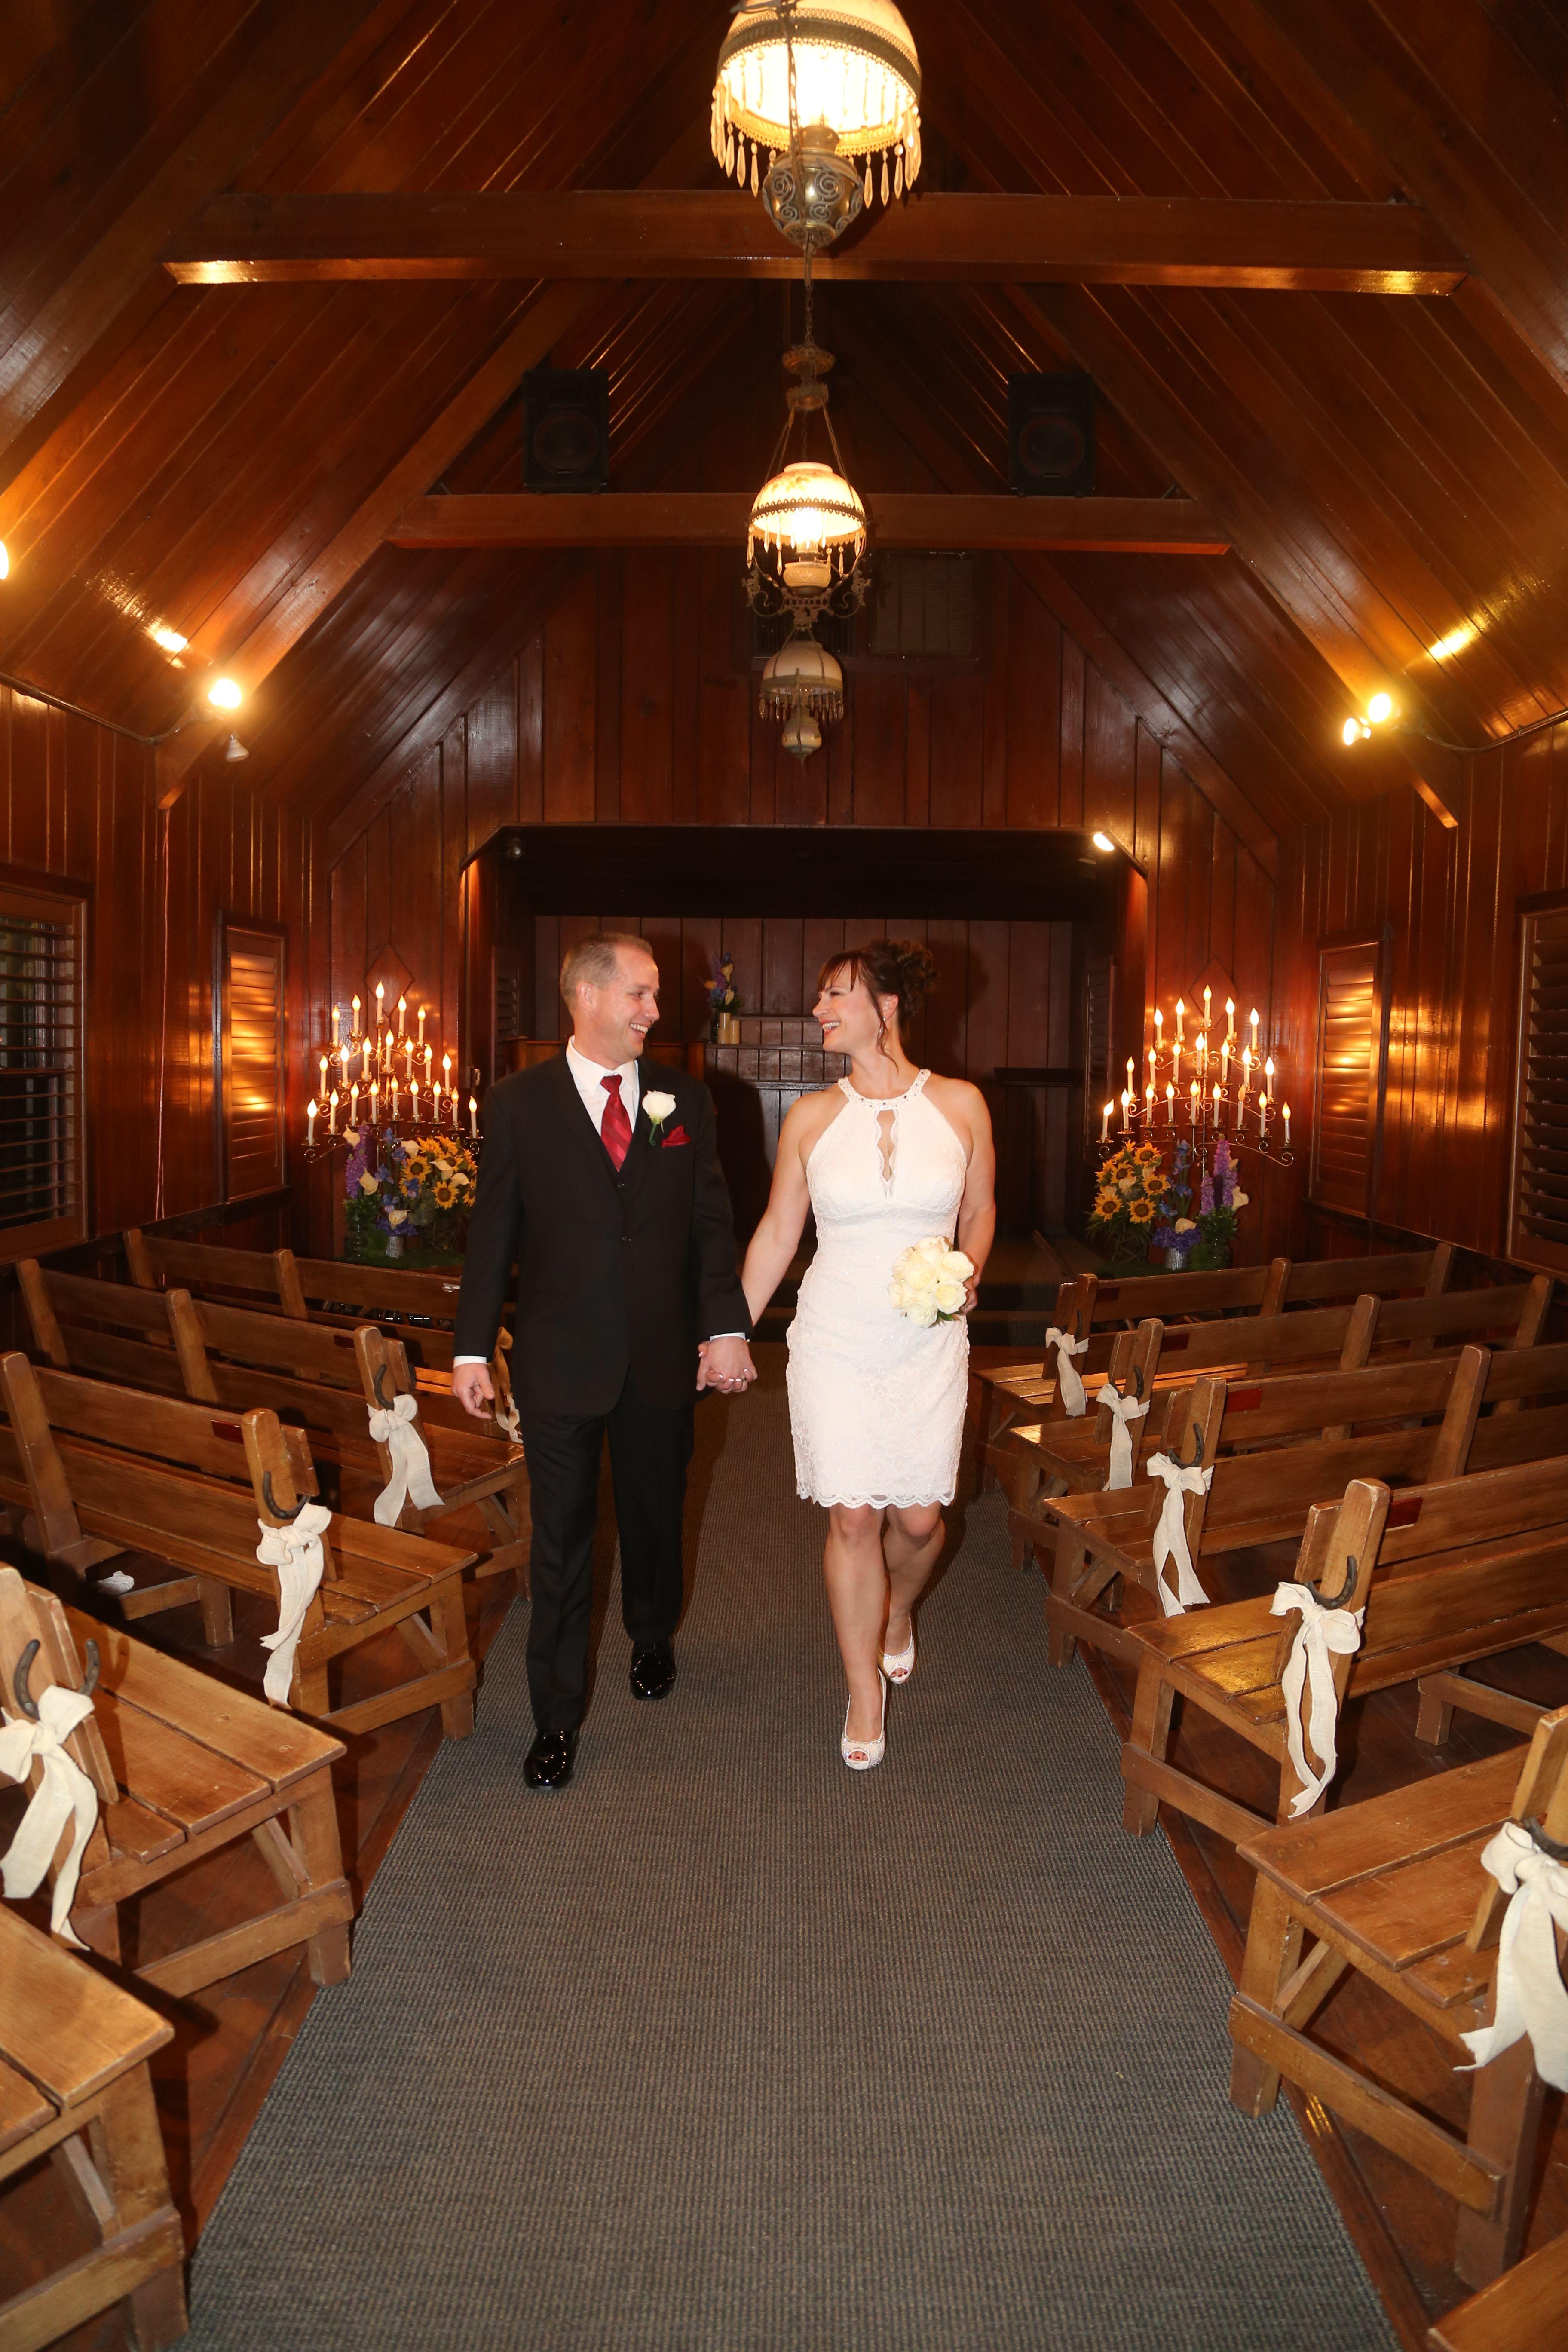 Happily Married Las Vegas Marriage Las Vegas Wedding Chapel